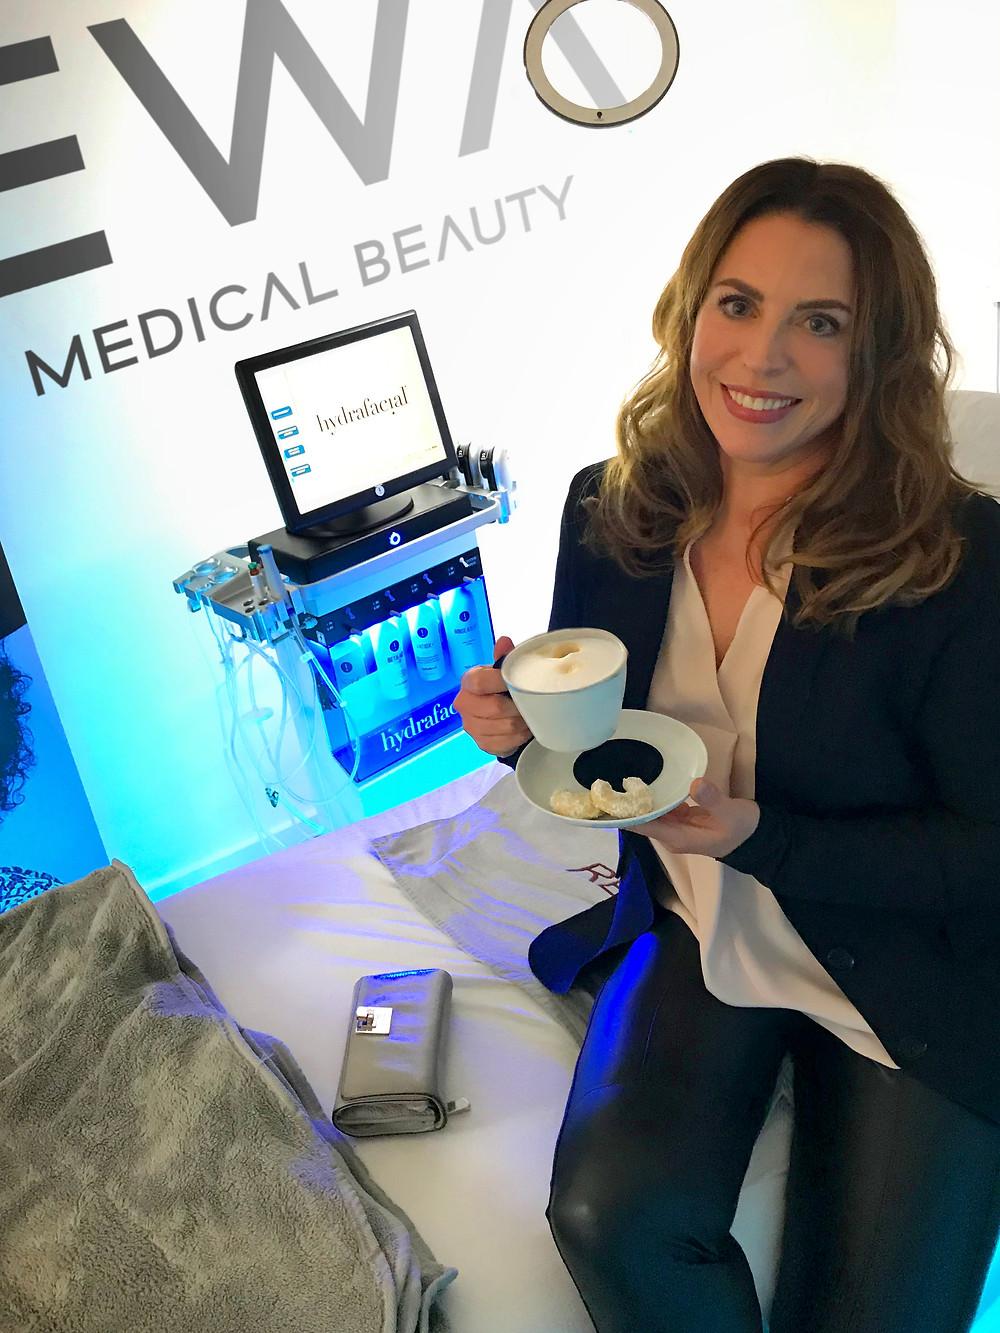 Dr. Cornelia Fischer–Grimm liebt ihr 6er Abonnement Hydrafacial in München bei EWA MEDICAL BEAUTY, Ludwigsvorstadt. EWA MEDICAL BEAUTY ist der Standort für REVIDERM Kosmetik und Hydrafacial in München.